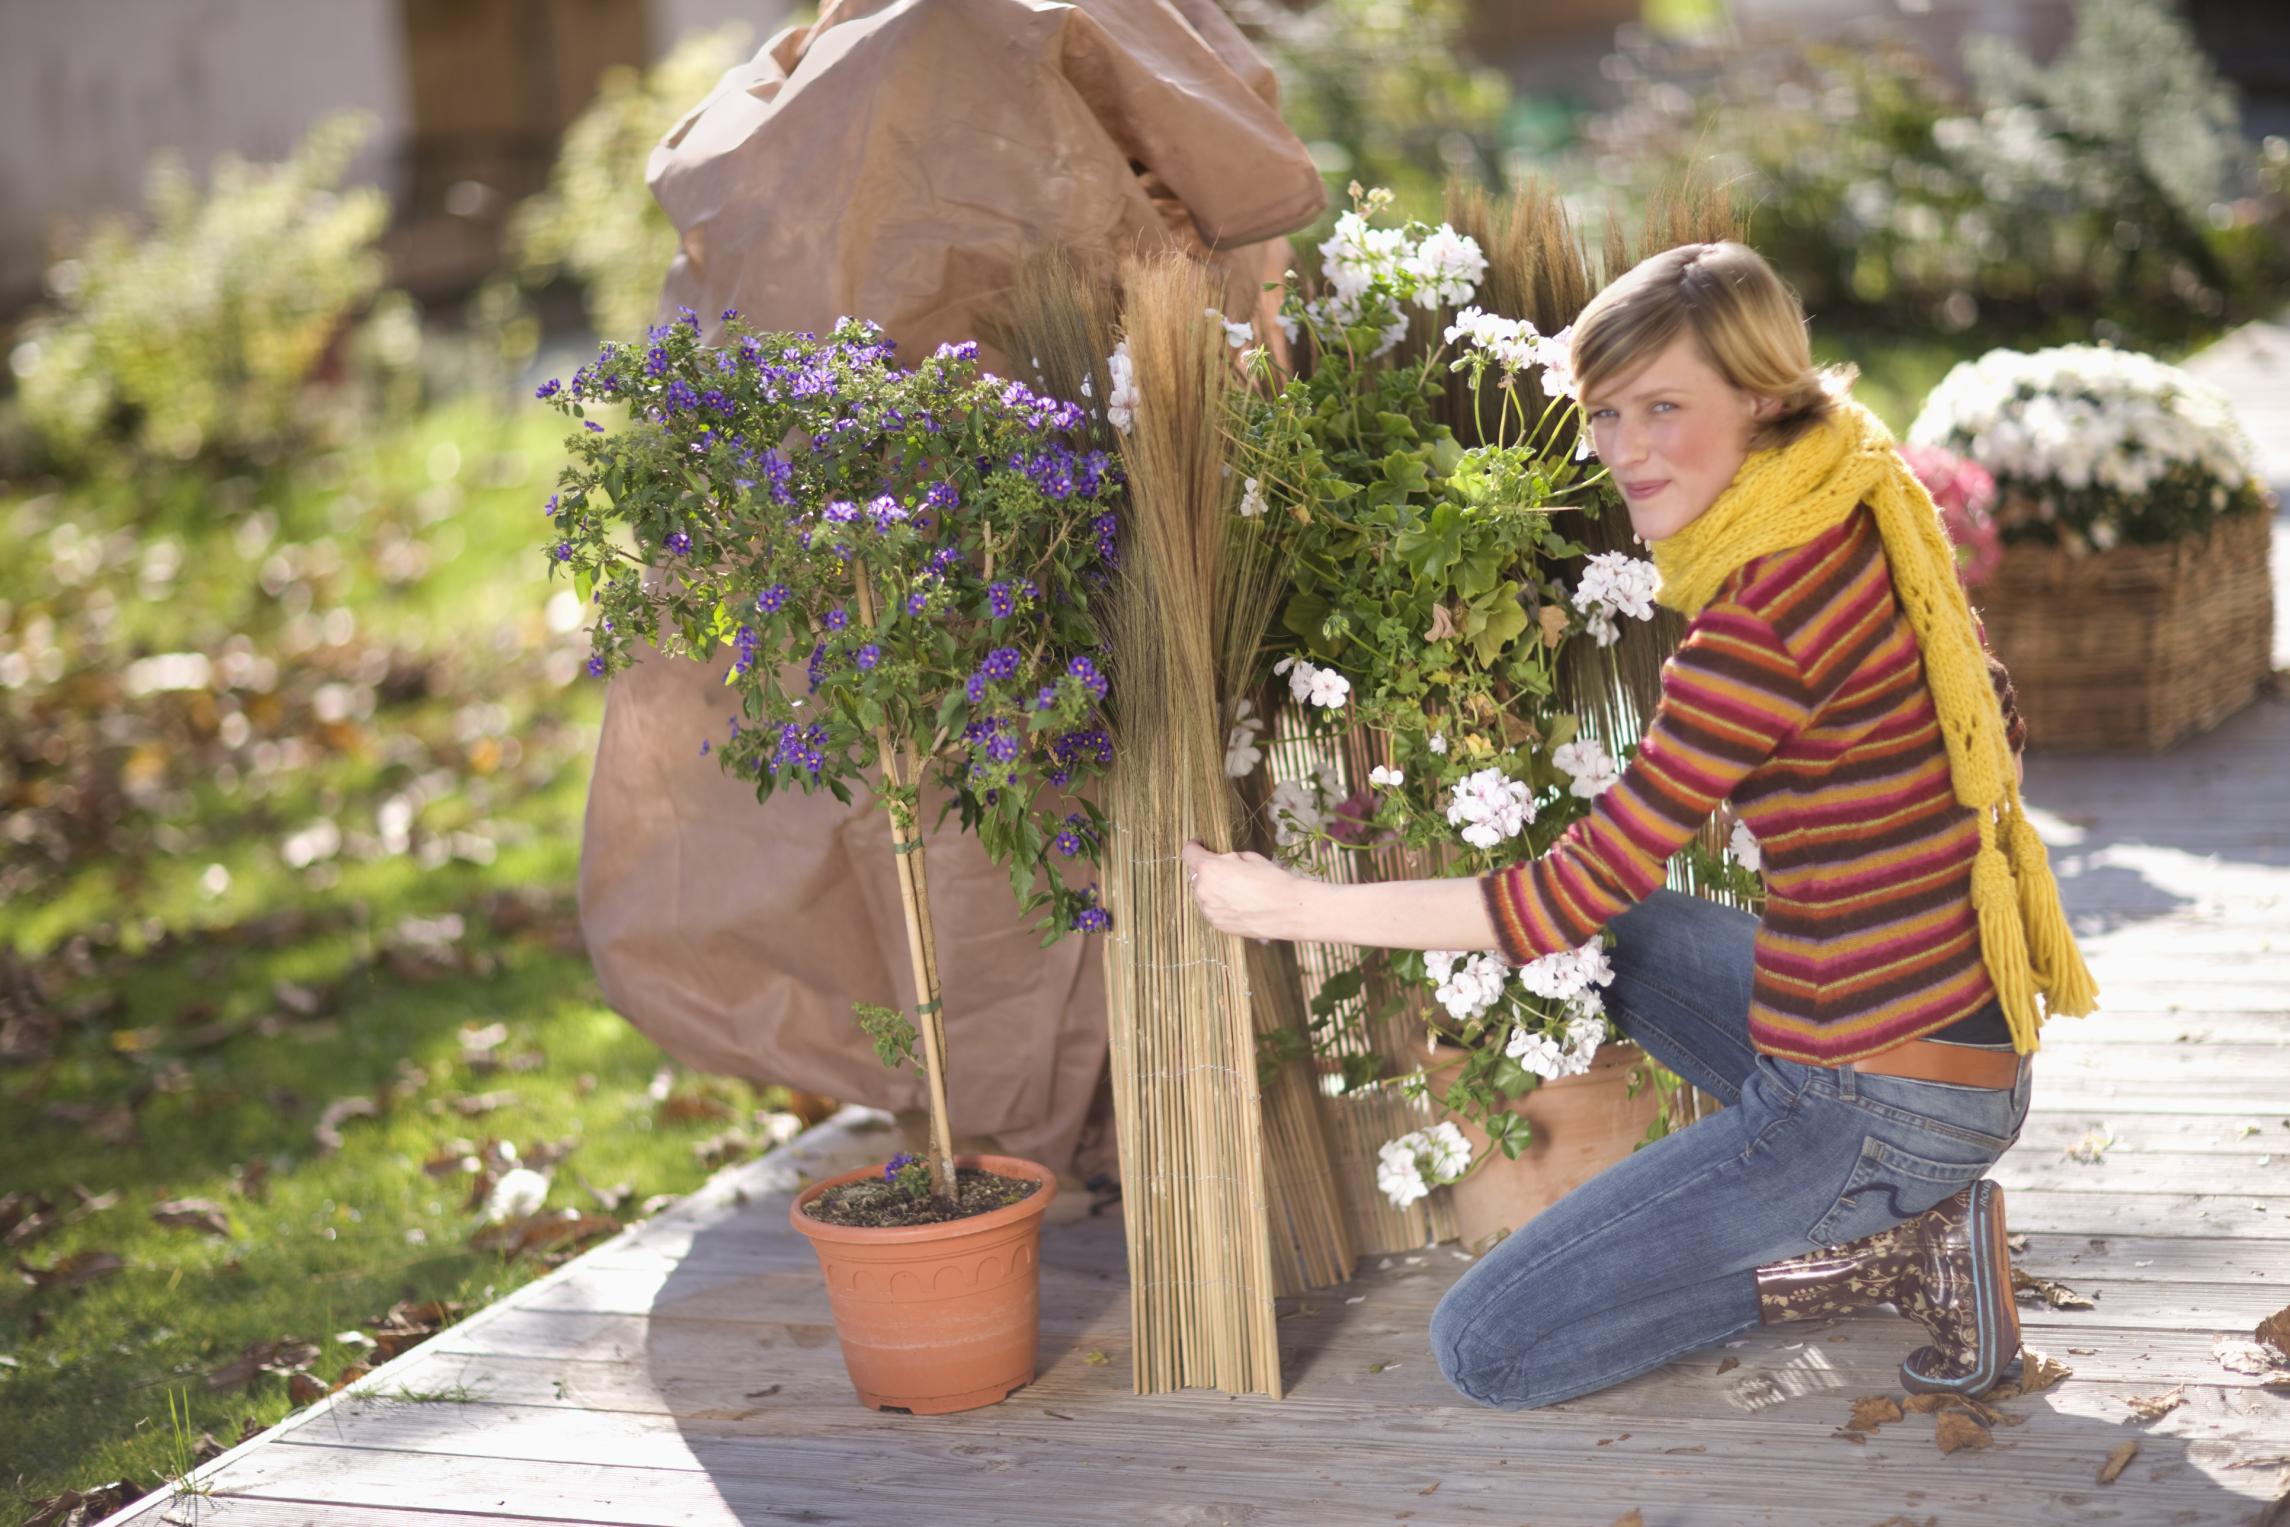 winterschutz statt gartenfrust toom baumarkt gibt tipps wie pflanzen gartenm bel und. Black Bedroom Furniture Sets. Home Design Ideas